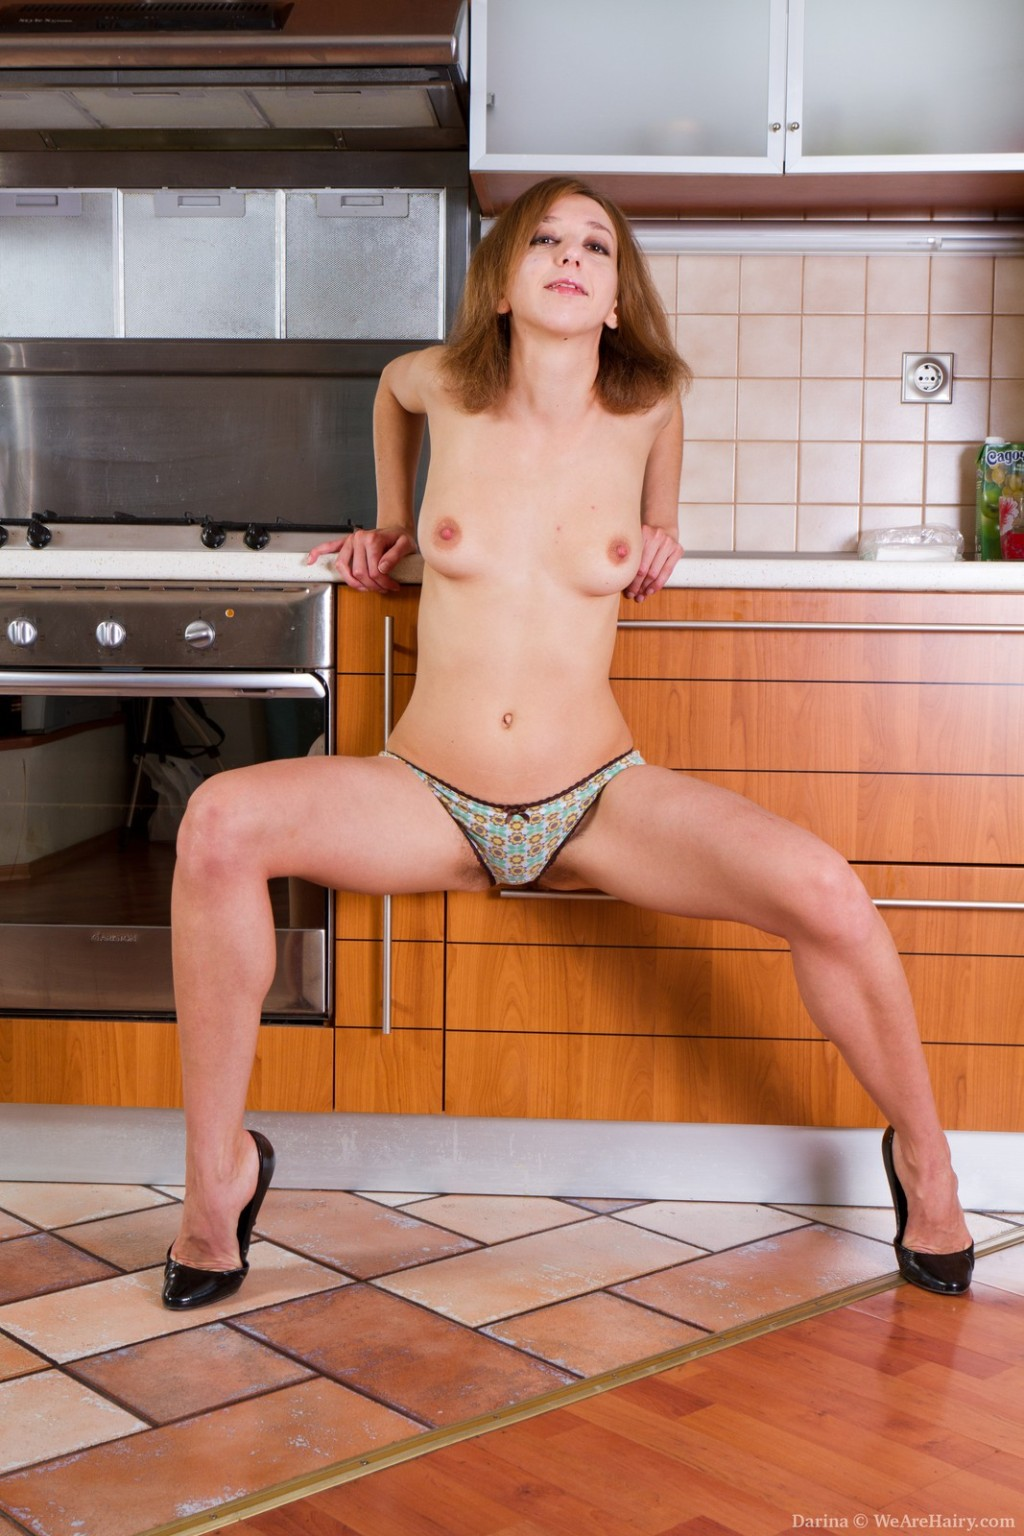 Дарине стало жарко на кухне